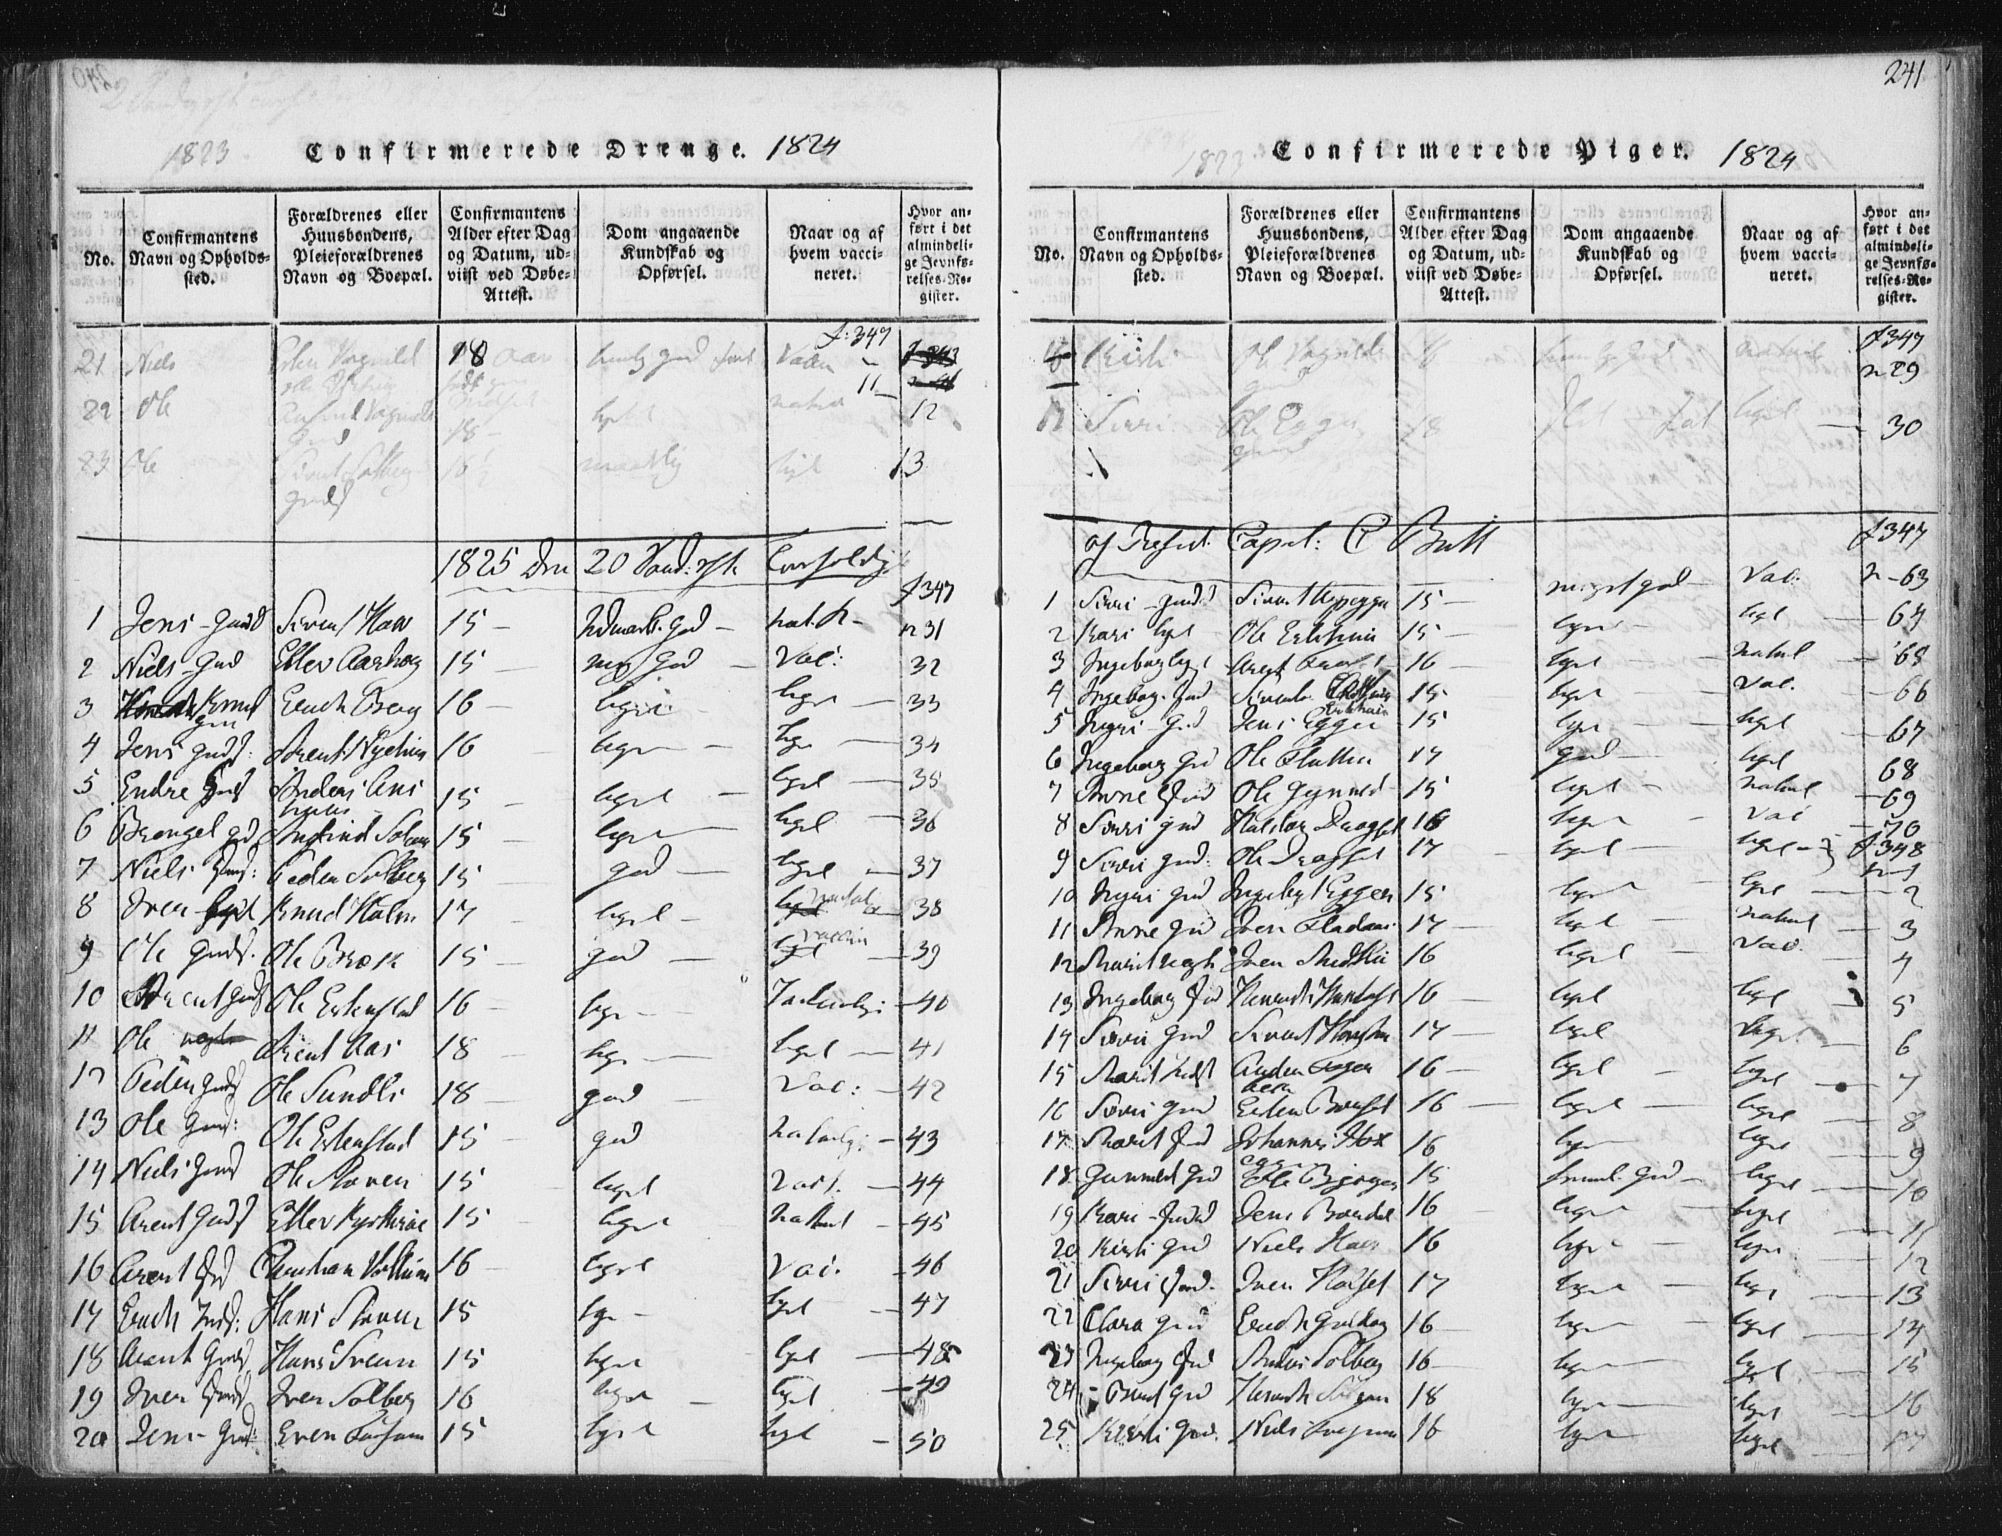 SAT, Ministerialprotokoller, klokkerbøker og fødselsregistre - Sør-Trøndelag, 689/L1037: Ministerialbok nr. 689A02, 1816-1842, s. 241